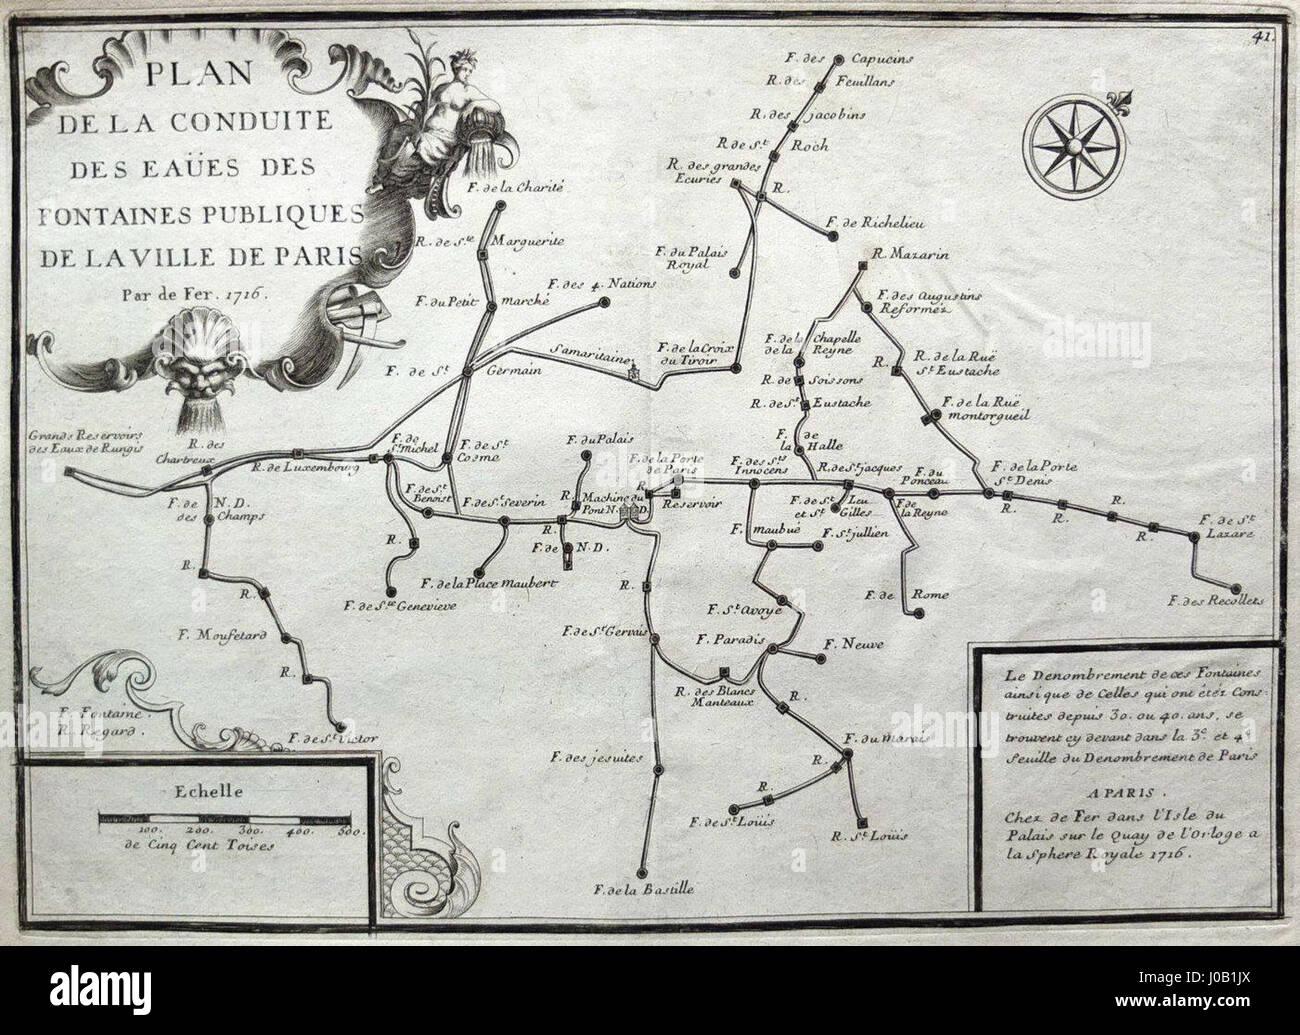 Plan du réseau d'adduction de l'eau publique à Paris au XVIIIe siècle - Stock Image